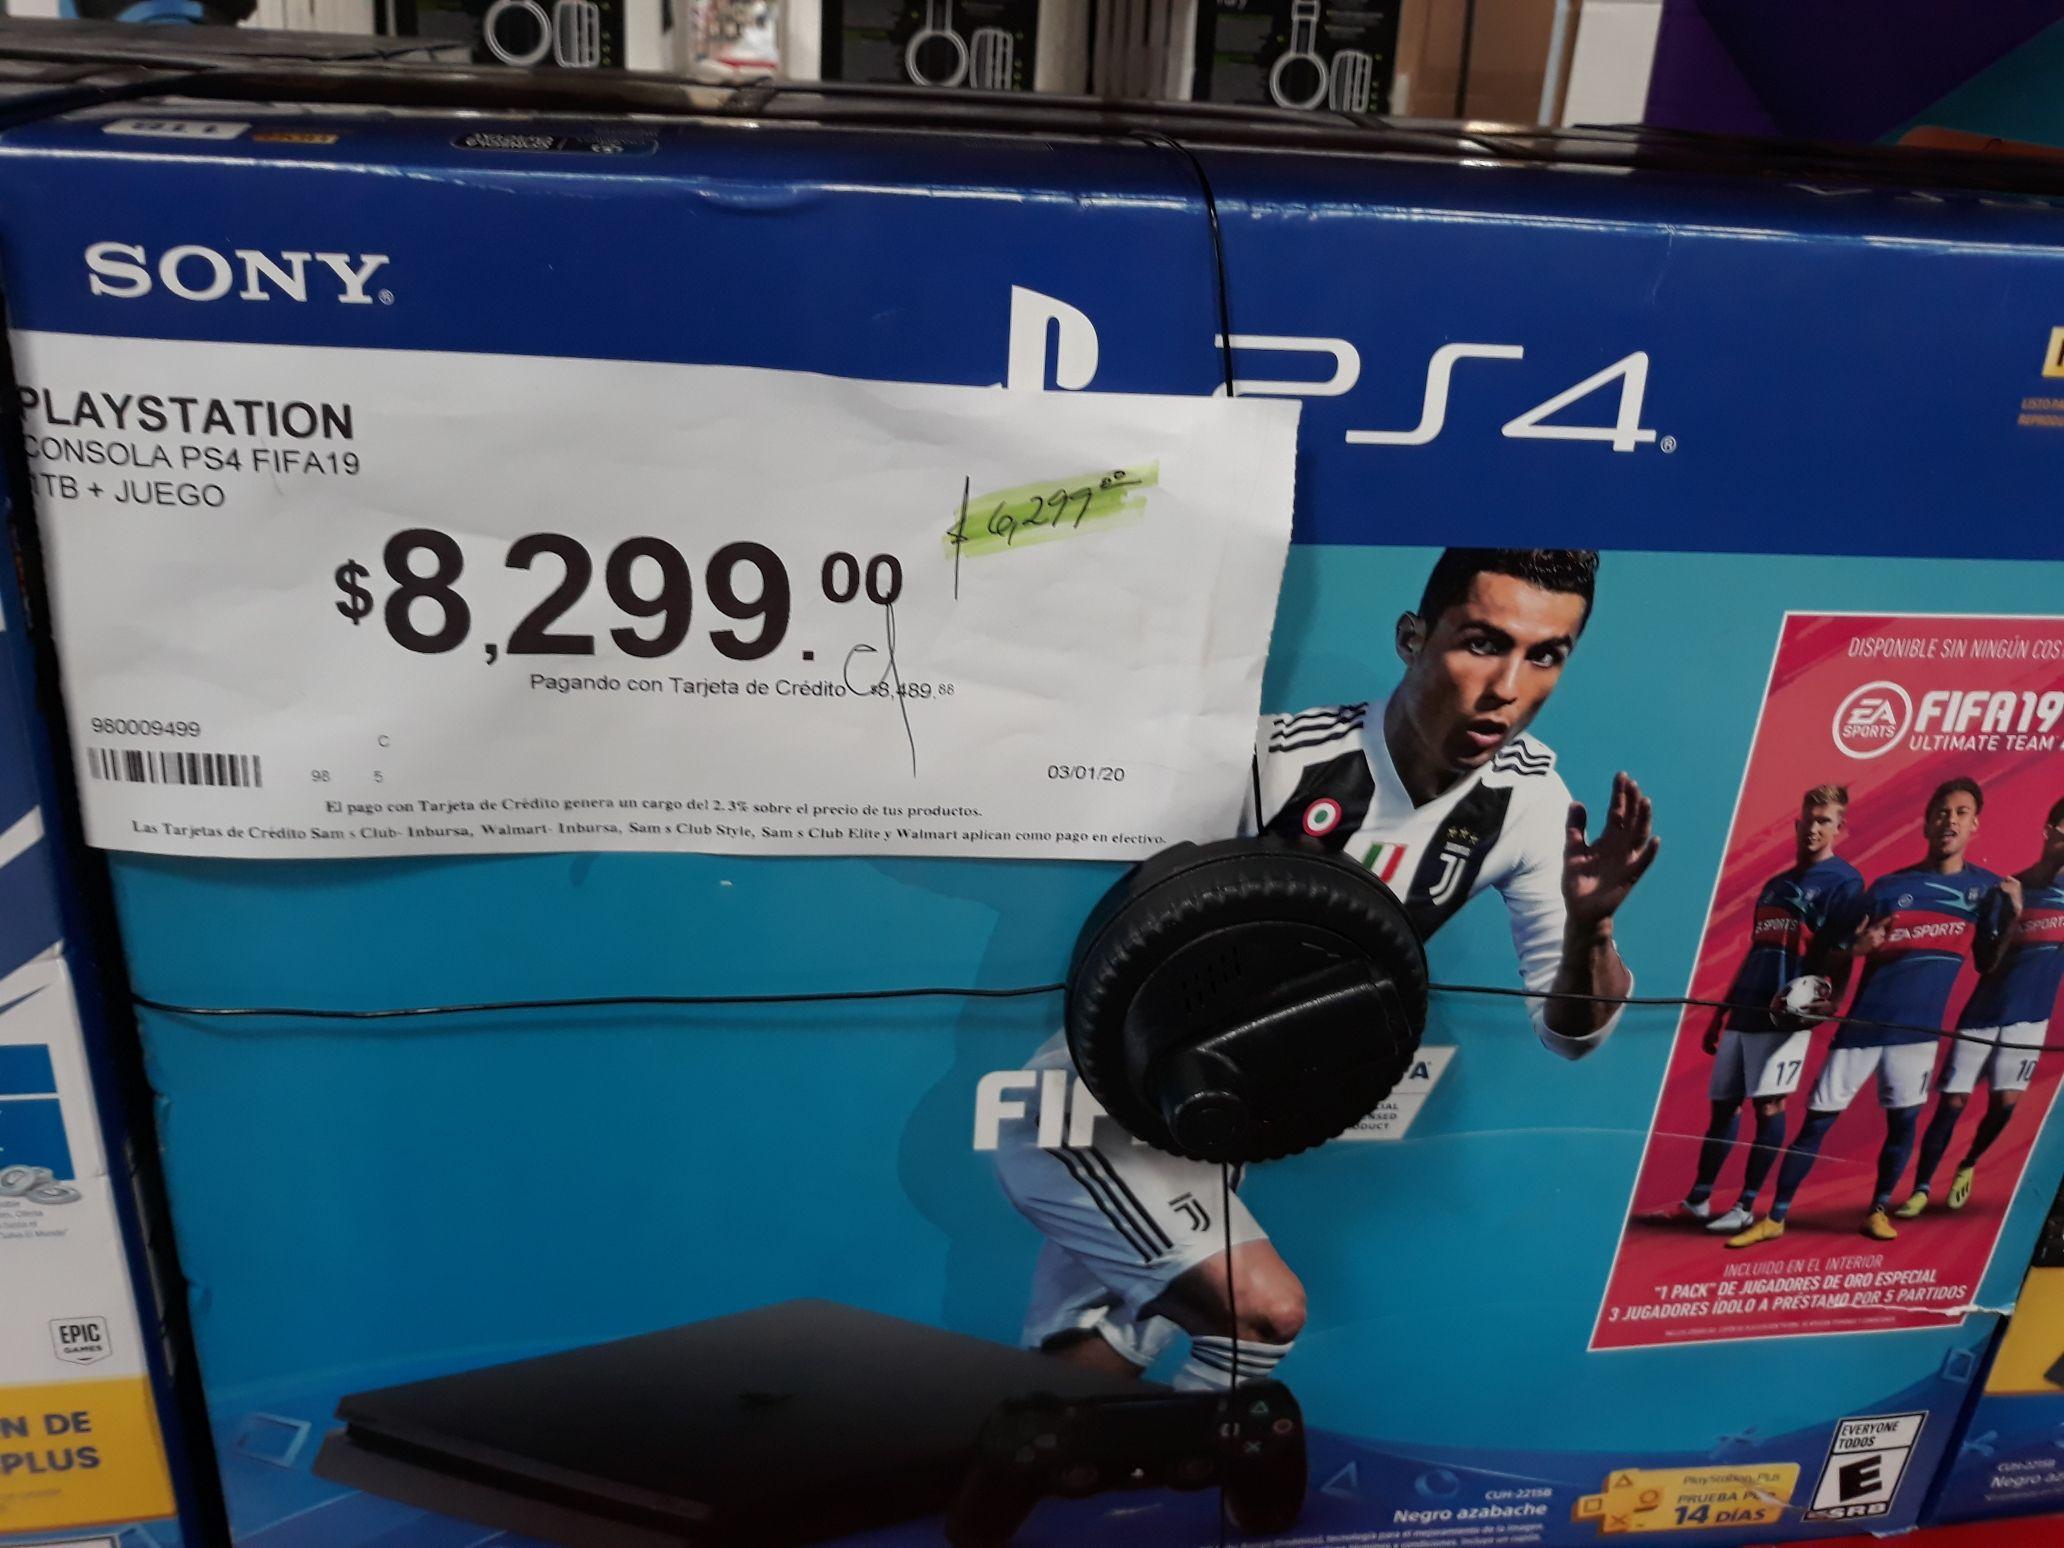 PS4 1TB + FIFA 19 SAMS CLUB MONCLOVA